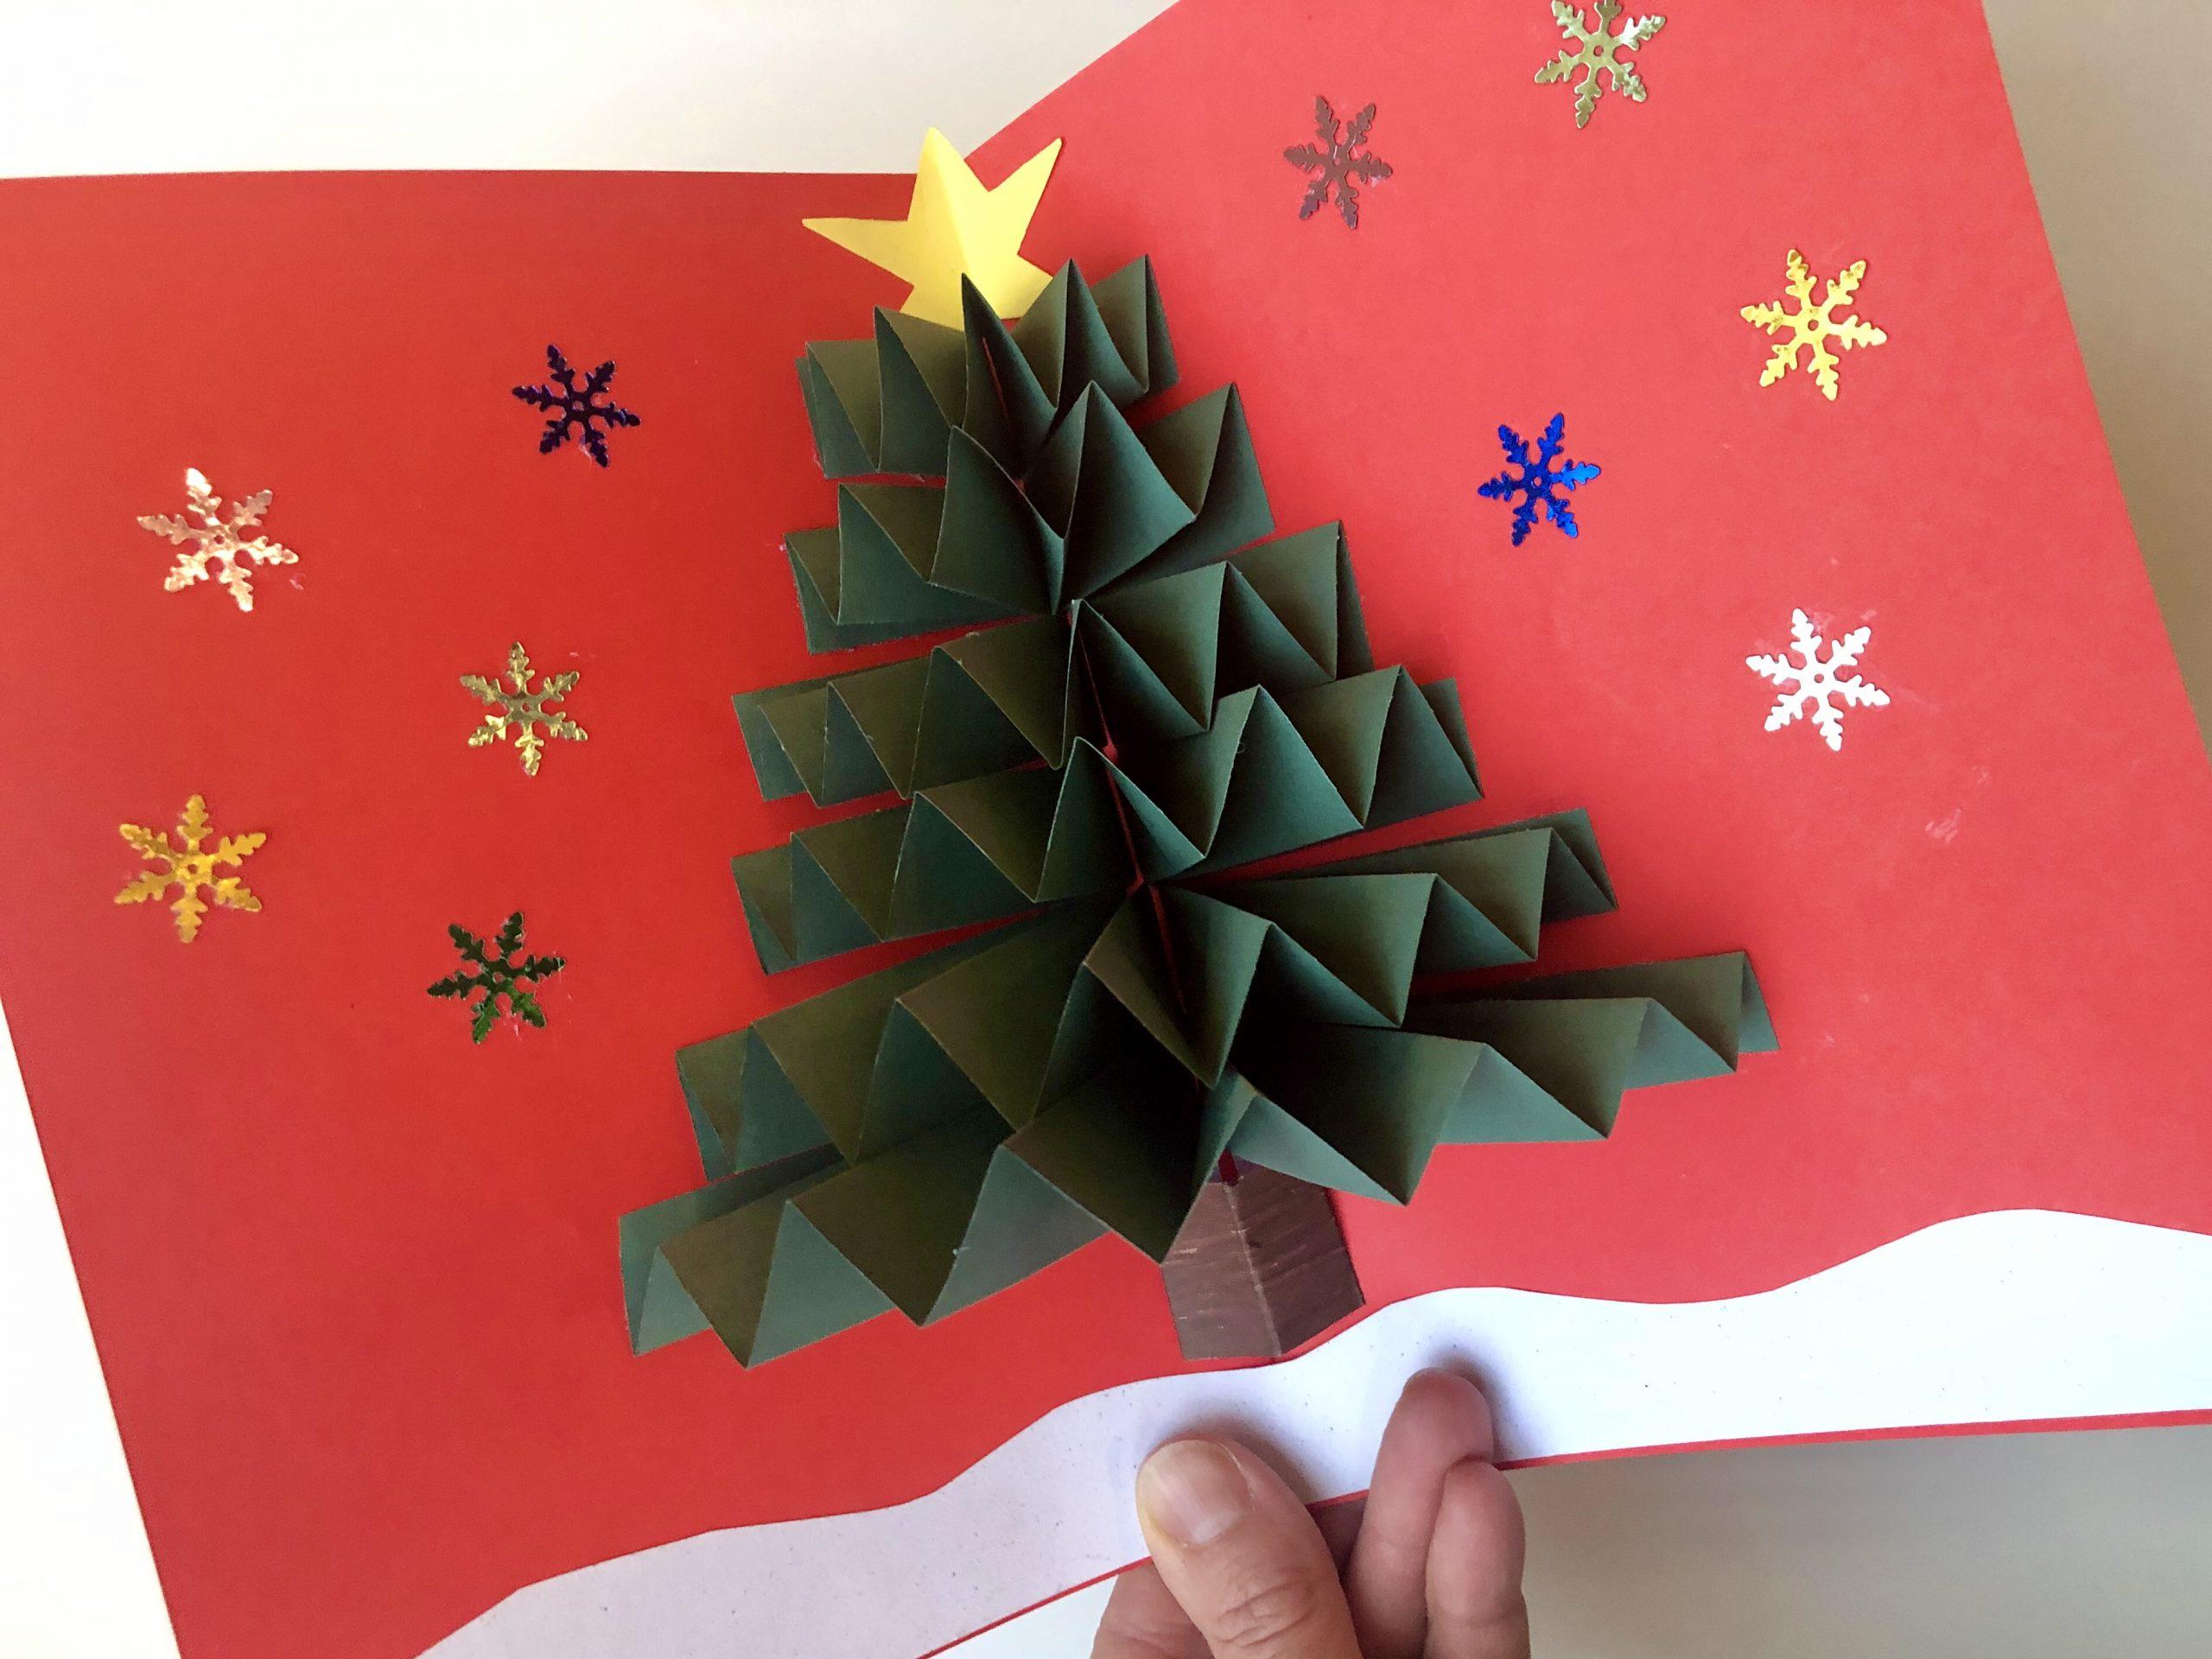 3D kerstkaart maken met kerstboom